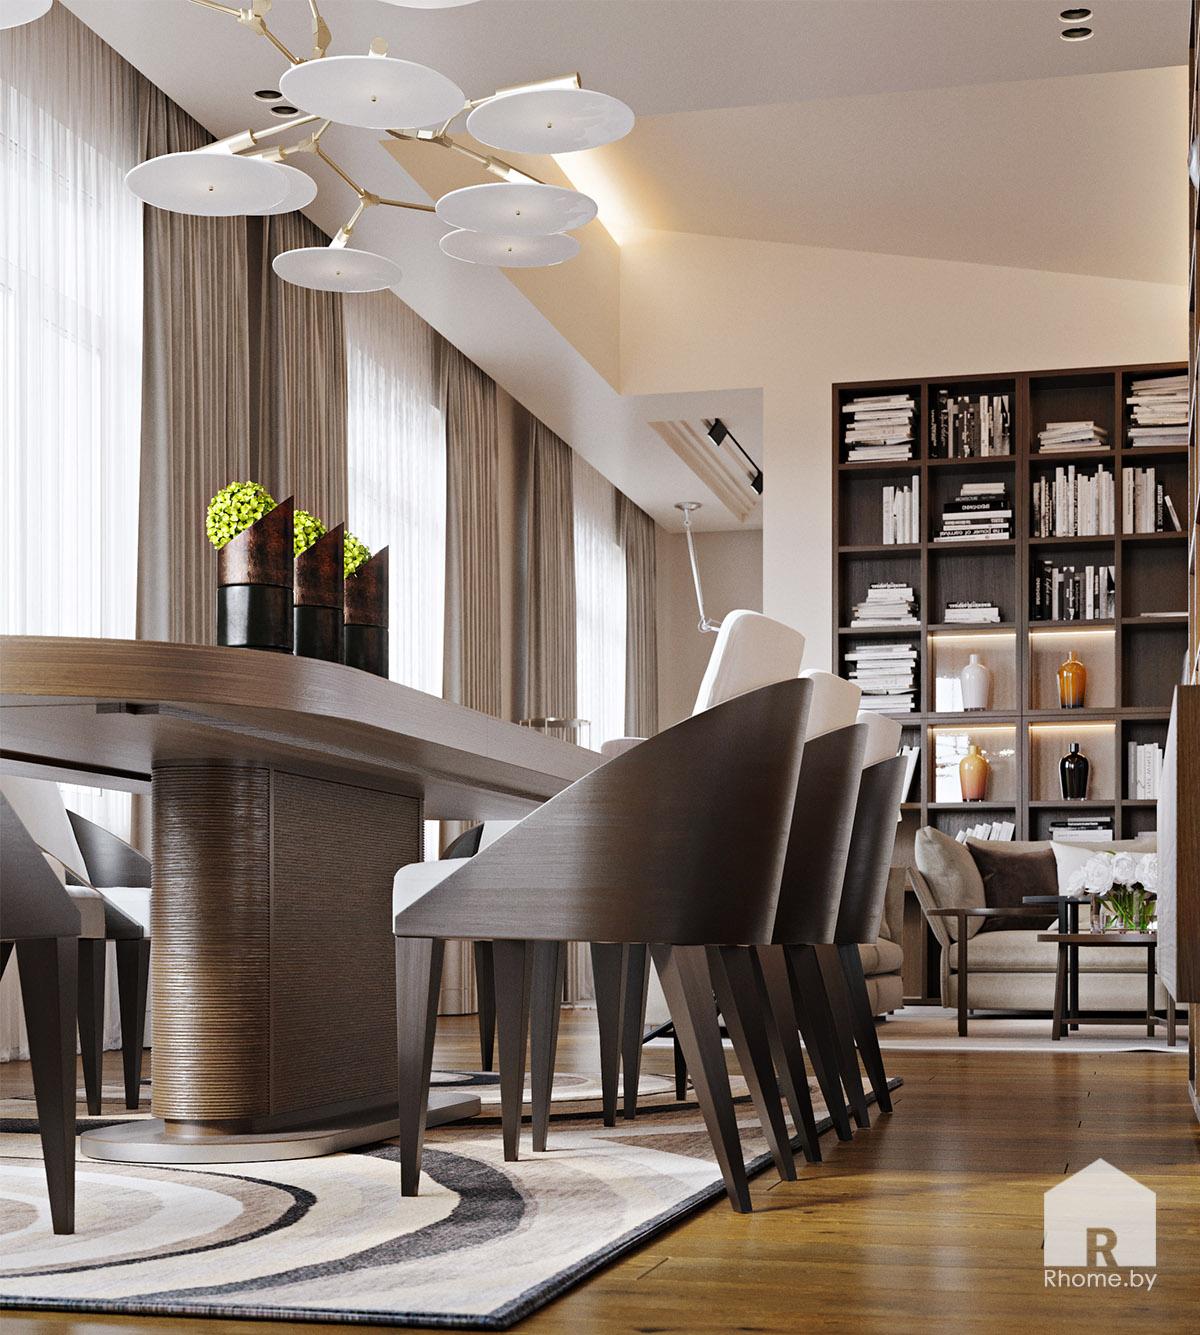 Дизайн интерьера столовой комнаты в Березовой роще   Дизайн студия – Rhome.by